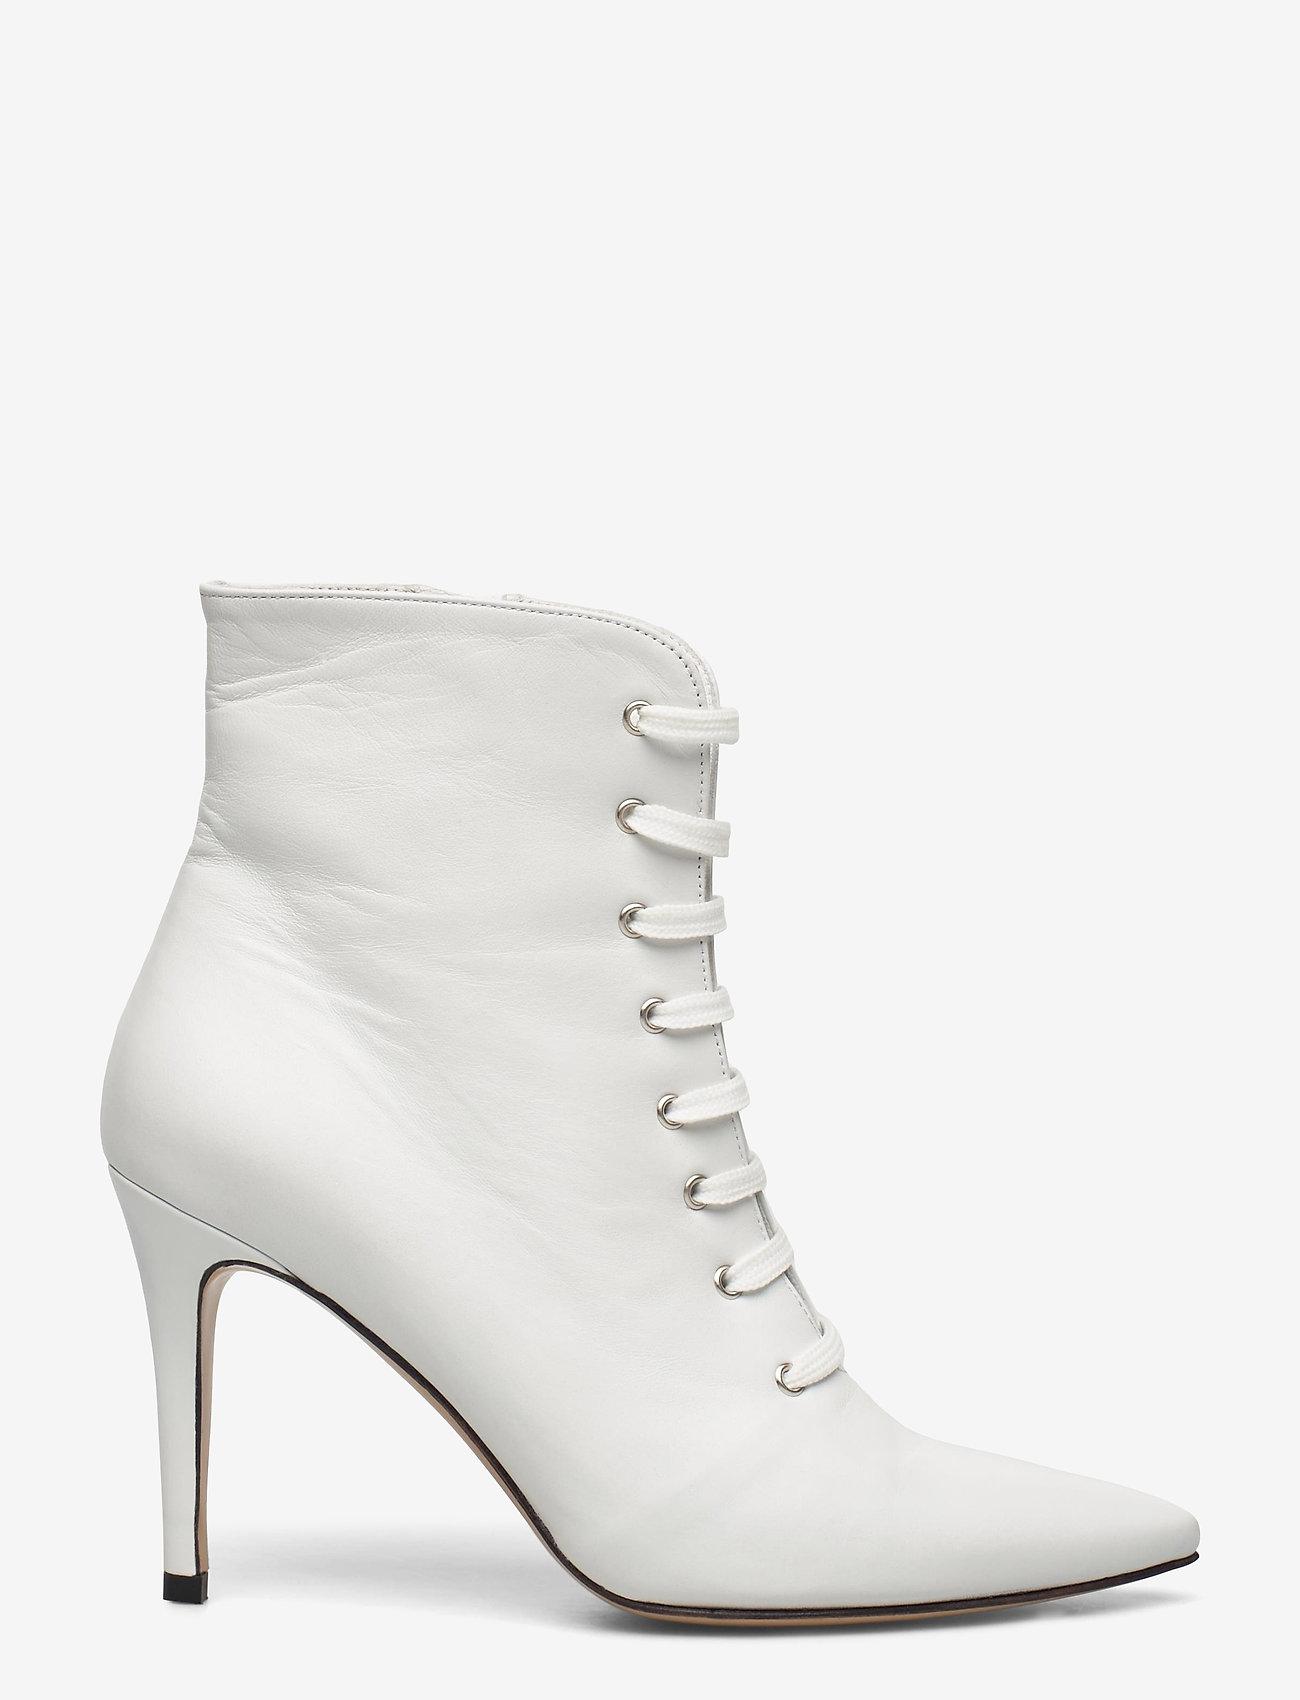 Jennie-Ellen - Pearl - enkellaarsjes met hak - white leather - 1